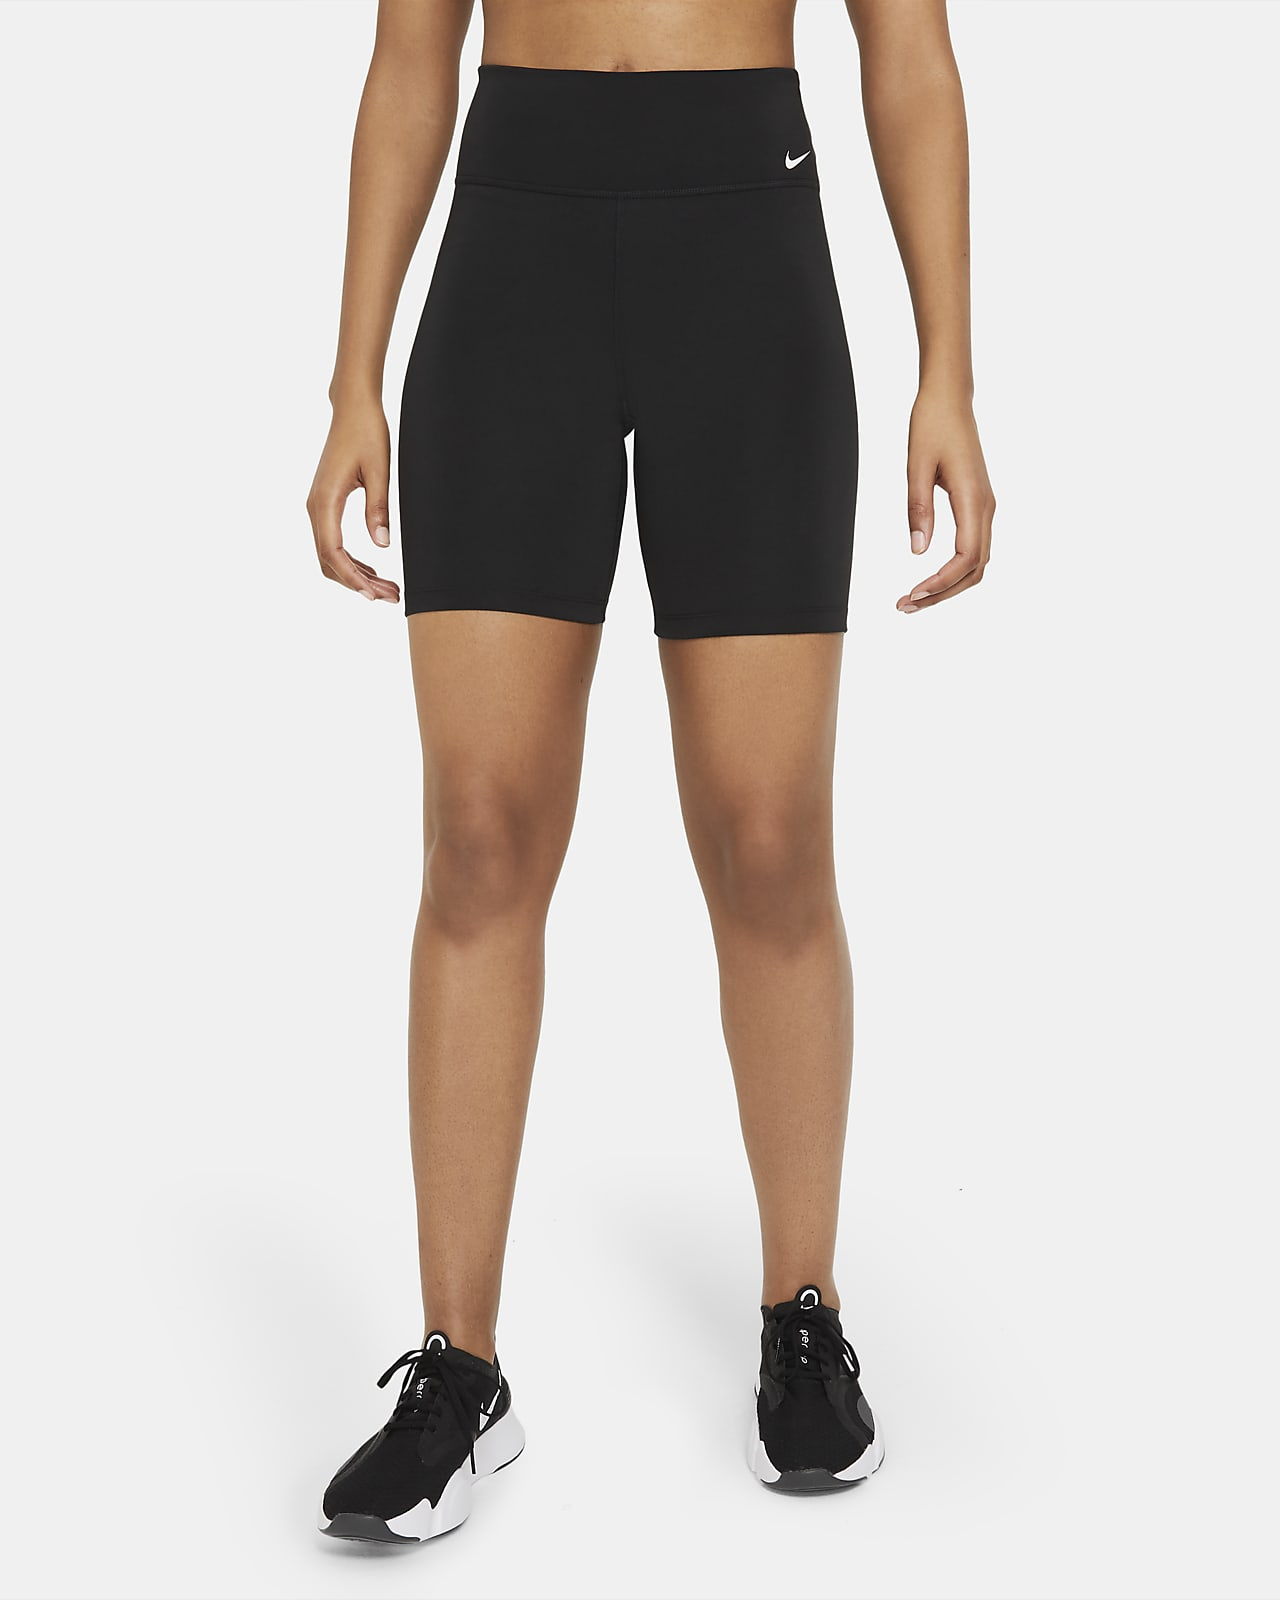 Nike One Radshorts mit mittelhohem Bund für Damen (ca. 18 cm)